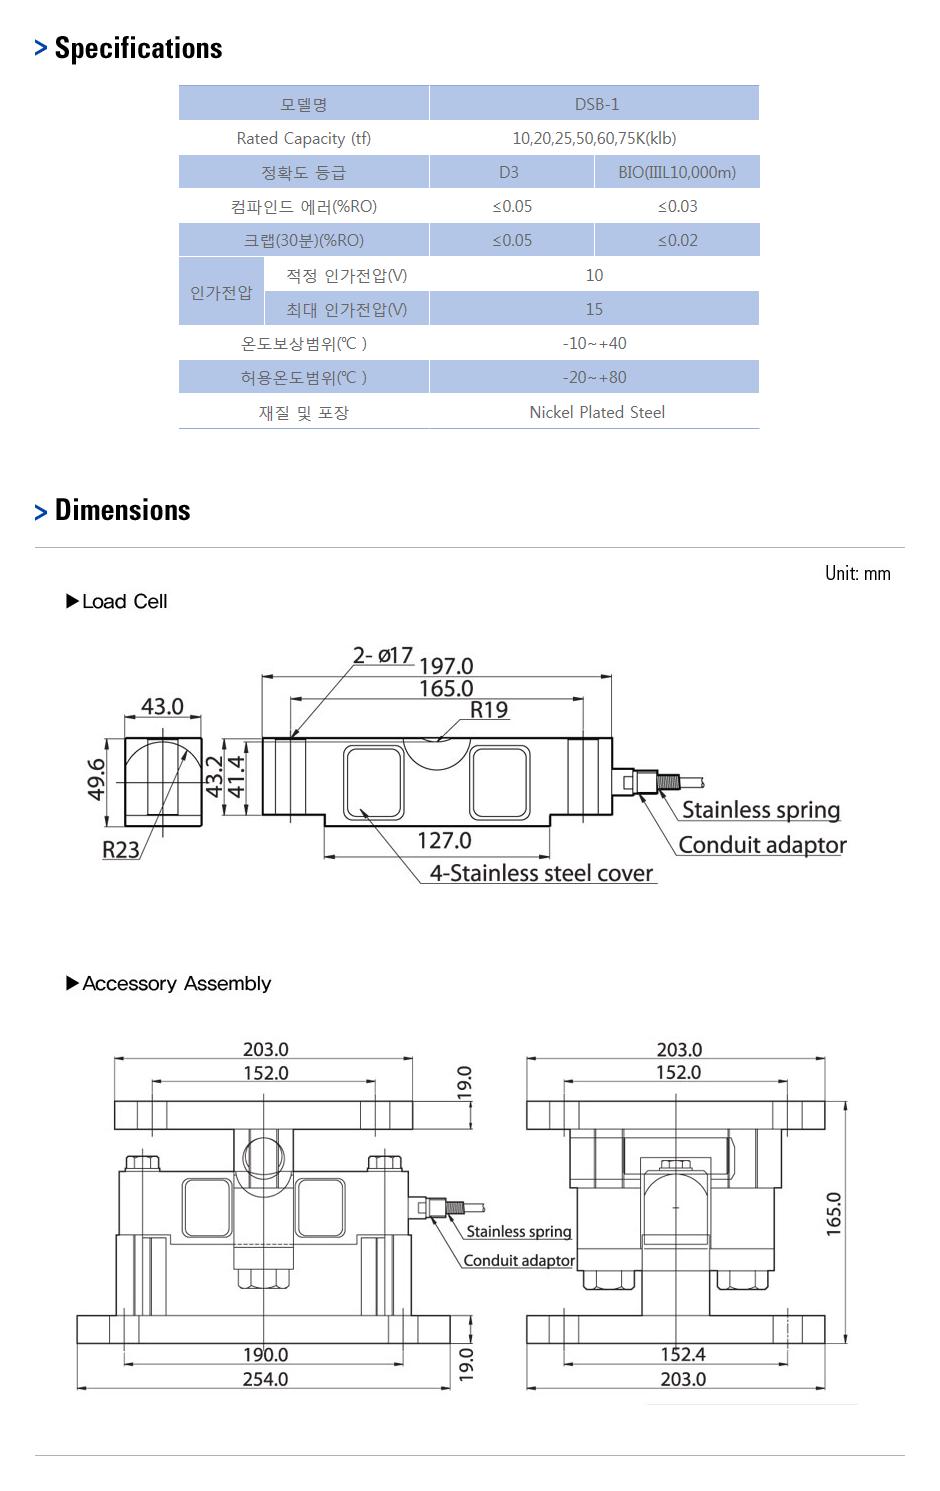 카스 로드셀 - Truck & Tank weighing 타입  19